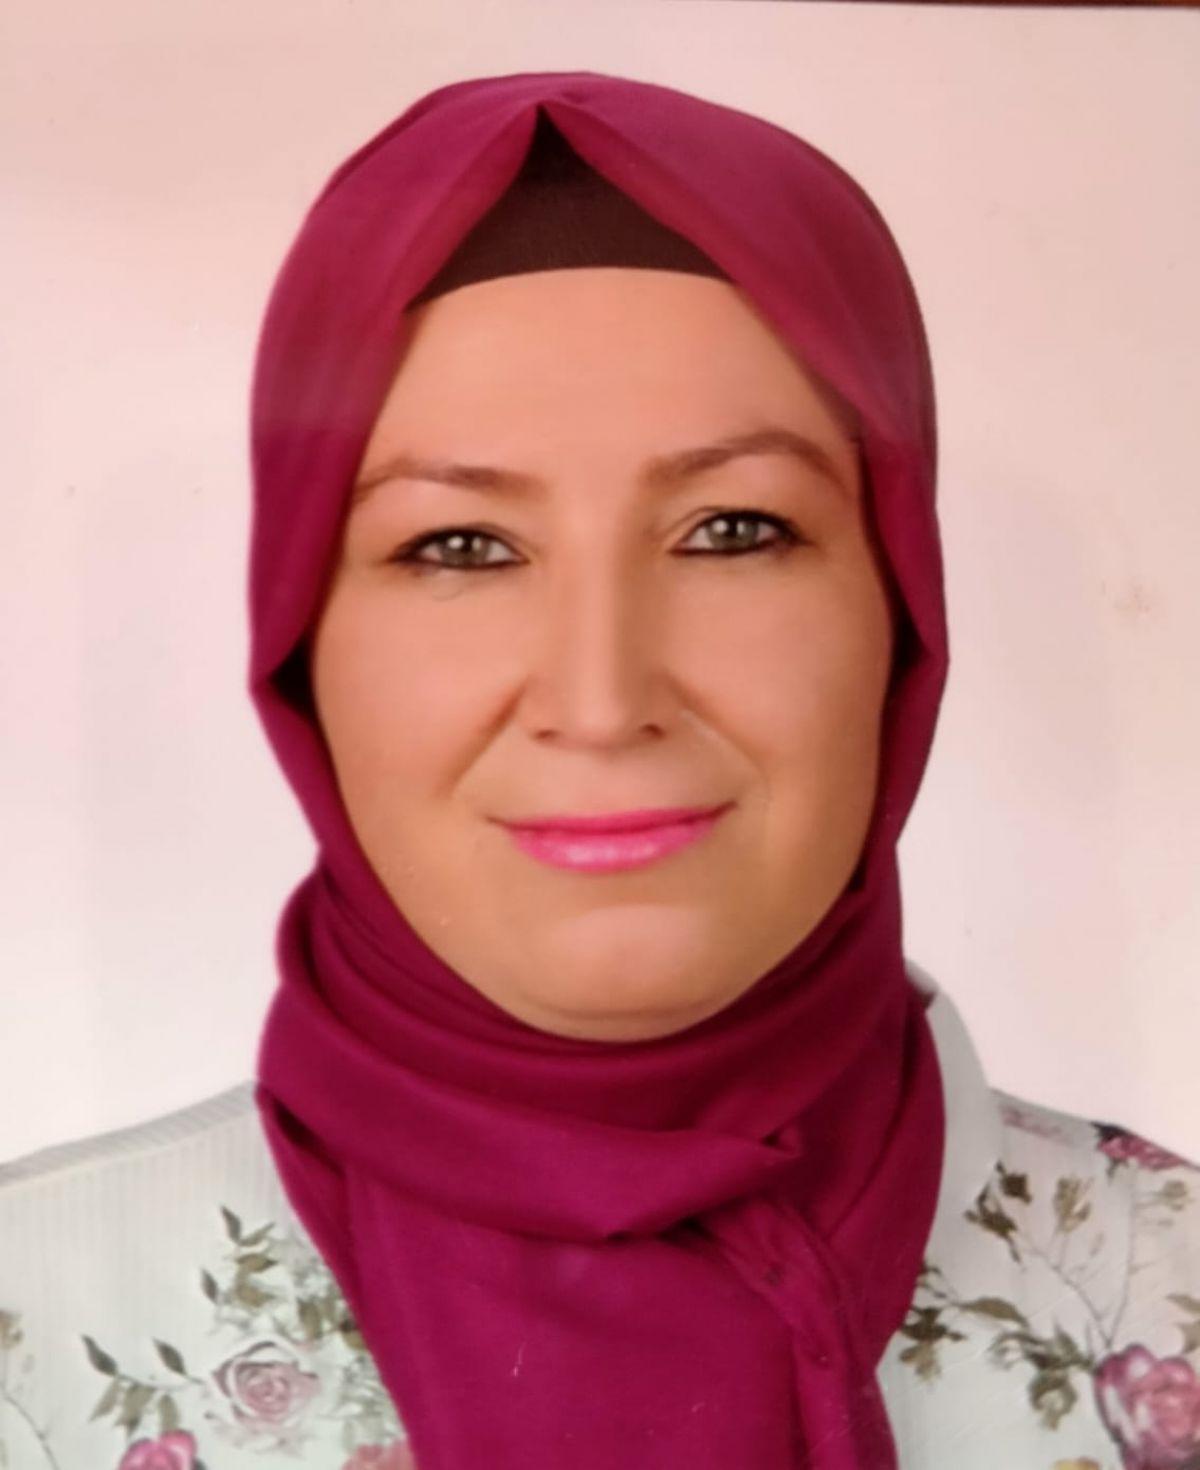 Trabzon da öldürülen Medine, eski eşiyle yeniden nikah kıyacaktı #2